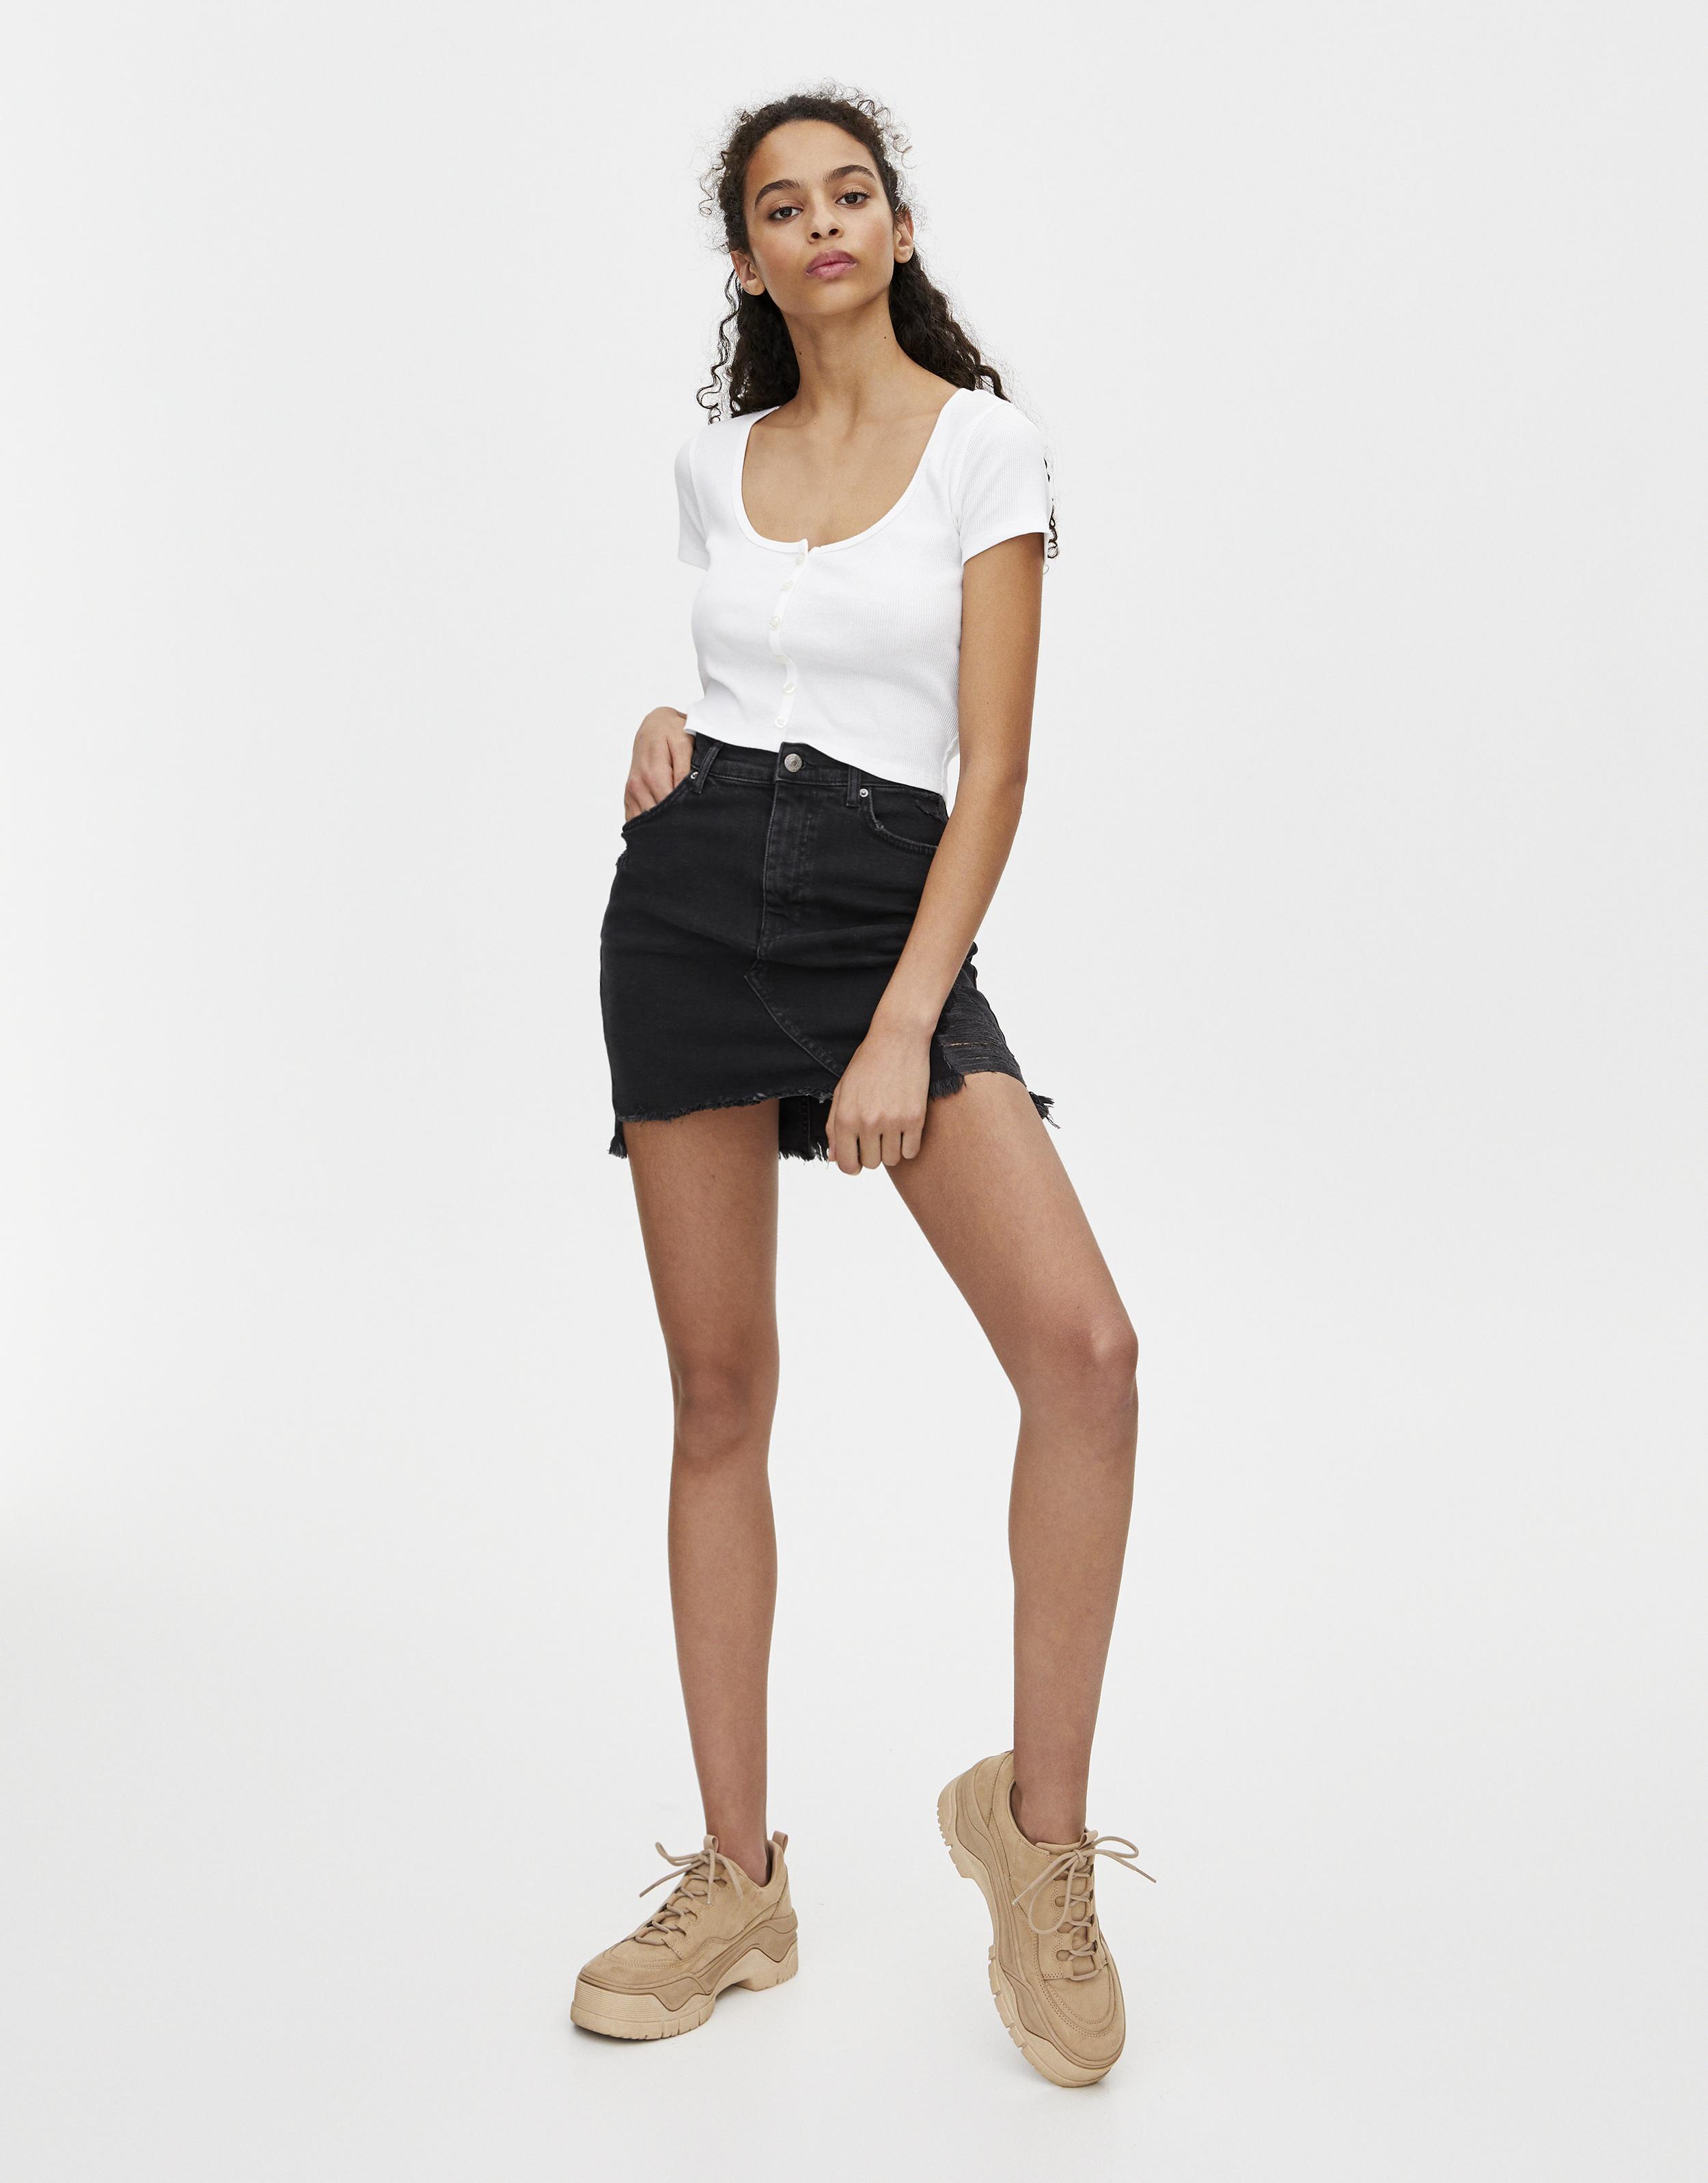 Blue Short Mini Skirt Zipped Women/'s Girls High Waist Front /& Back Zip 037